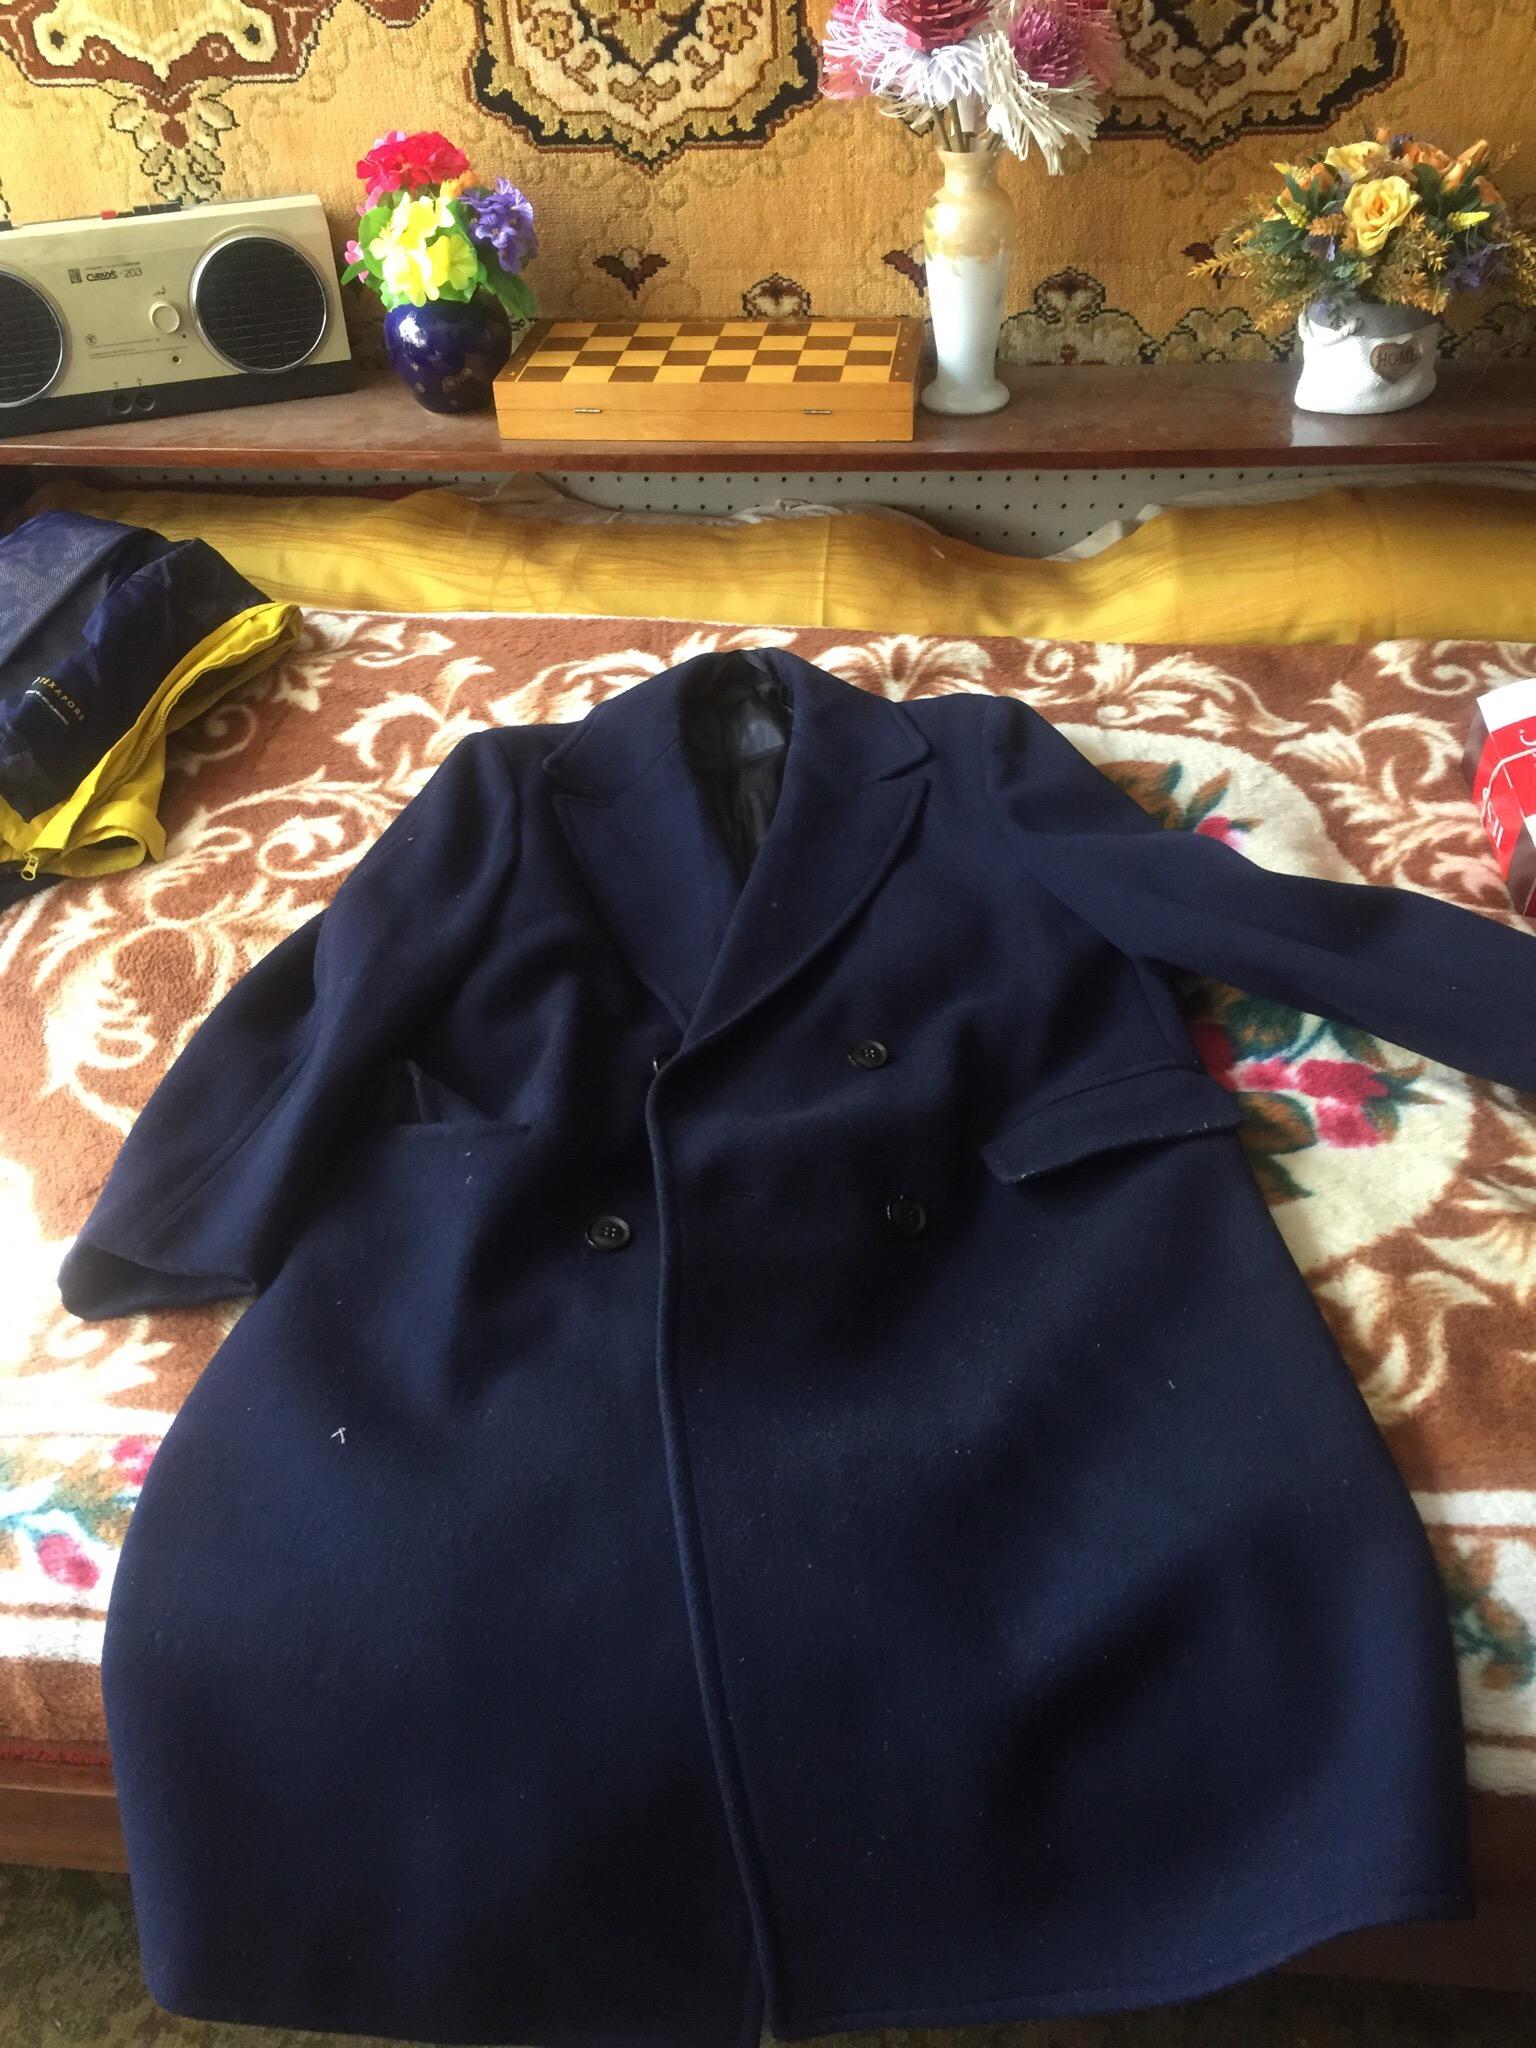 добрый день, имеется пальто 63 года, Материал Драп Деми, размер 54.